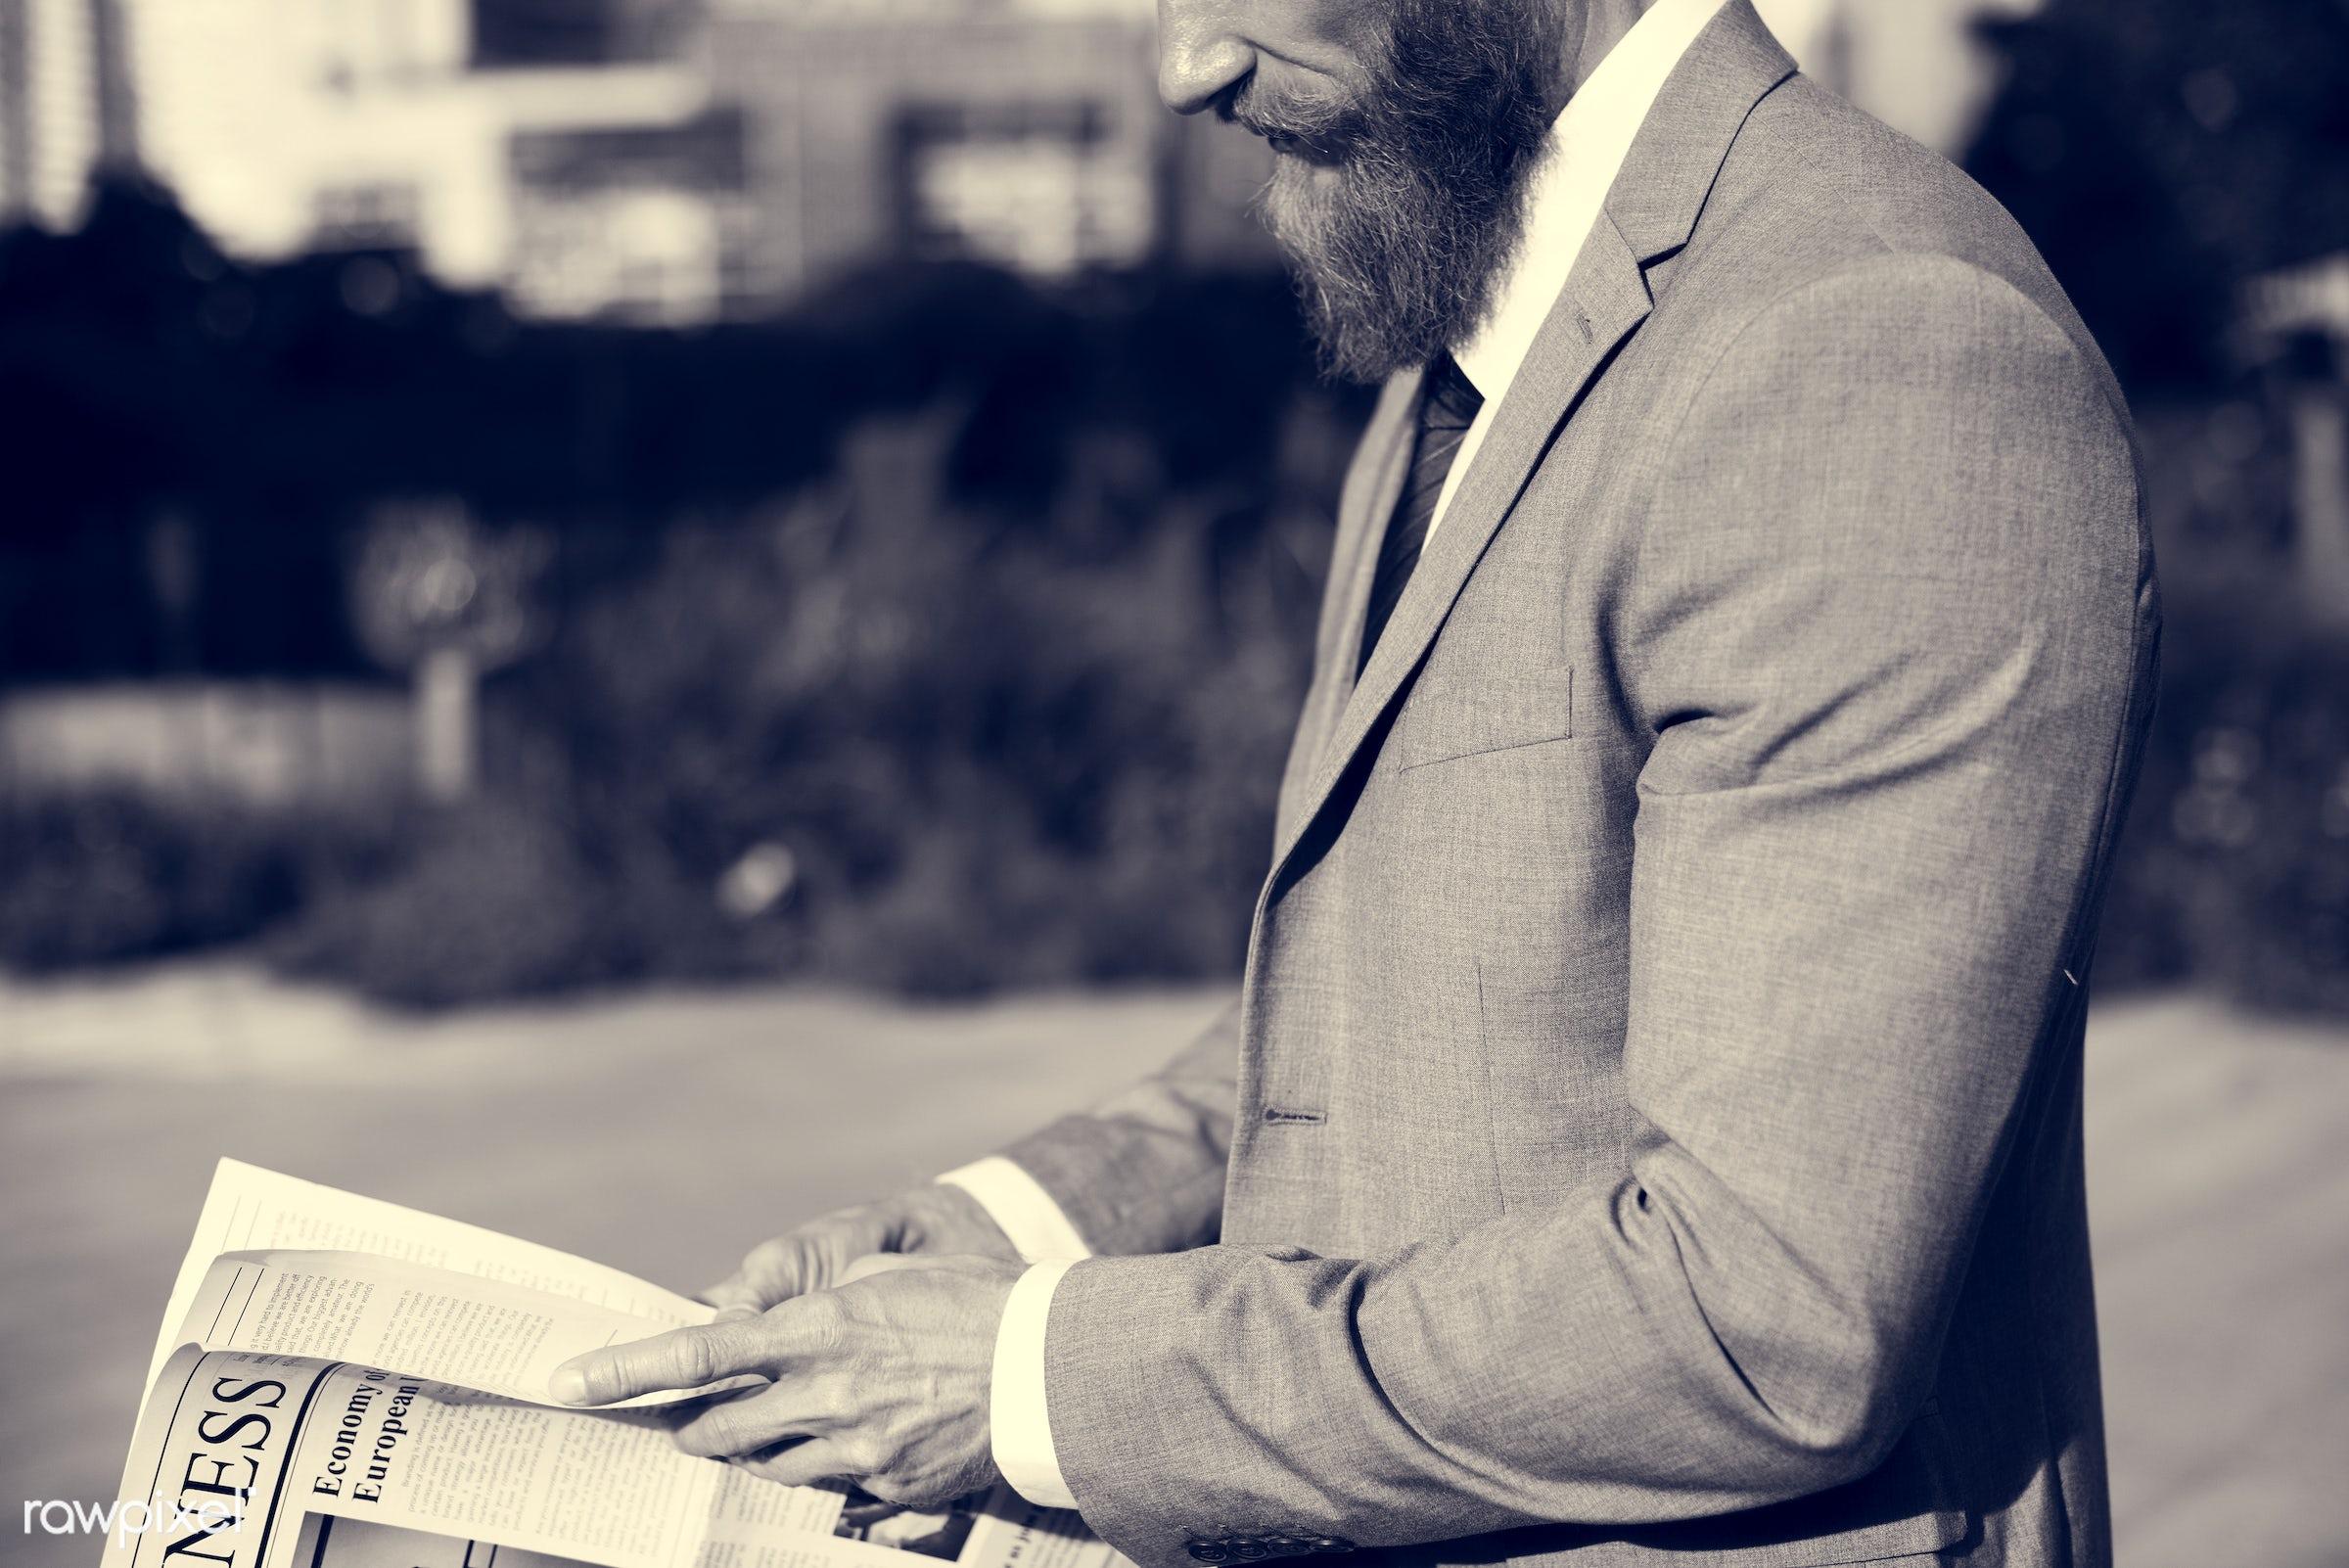 suit and tie, tie, sad, business news, business, caucasian, critical, hands, read, middle age, crisis, men, man, businessmen...